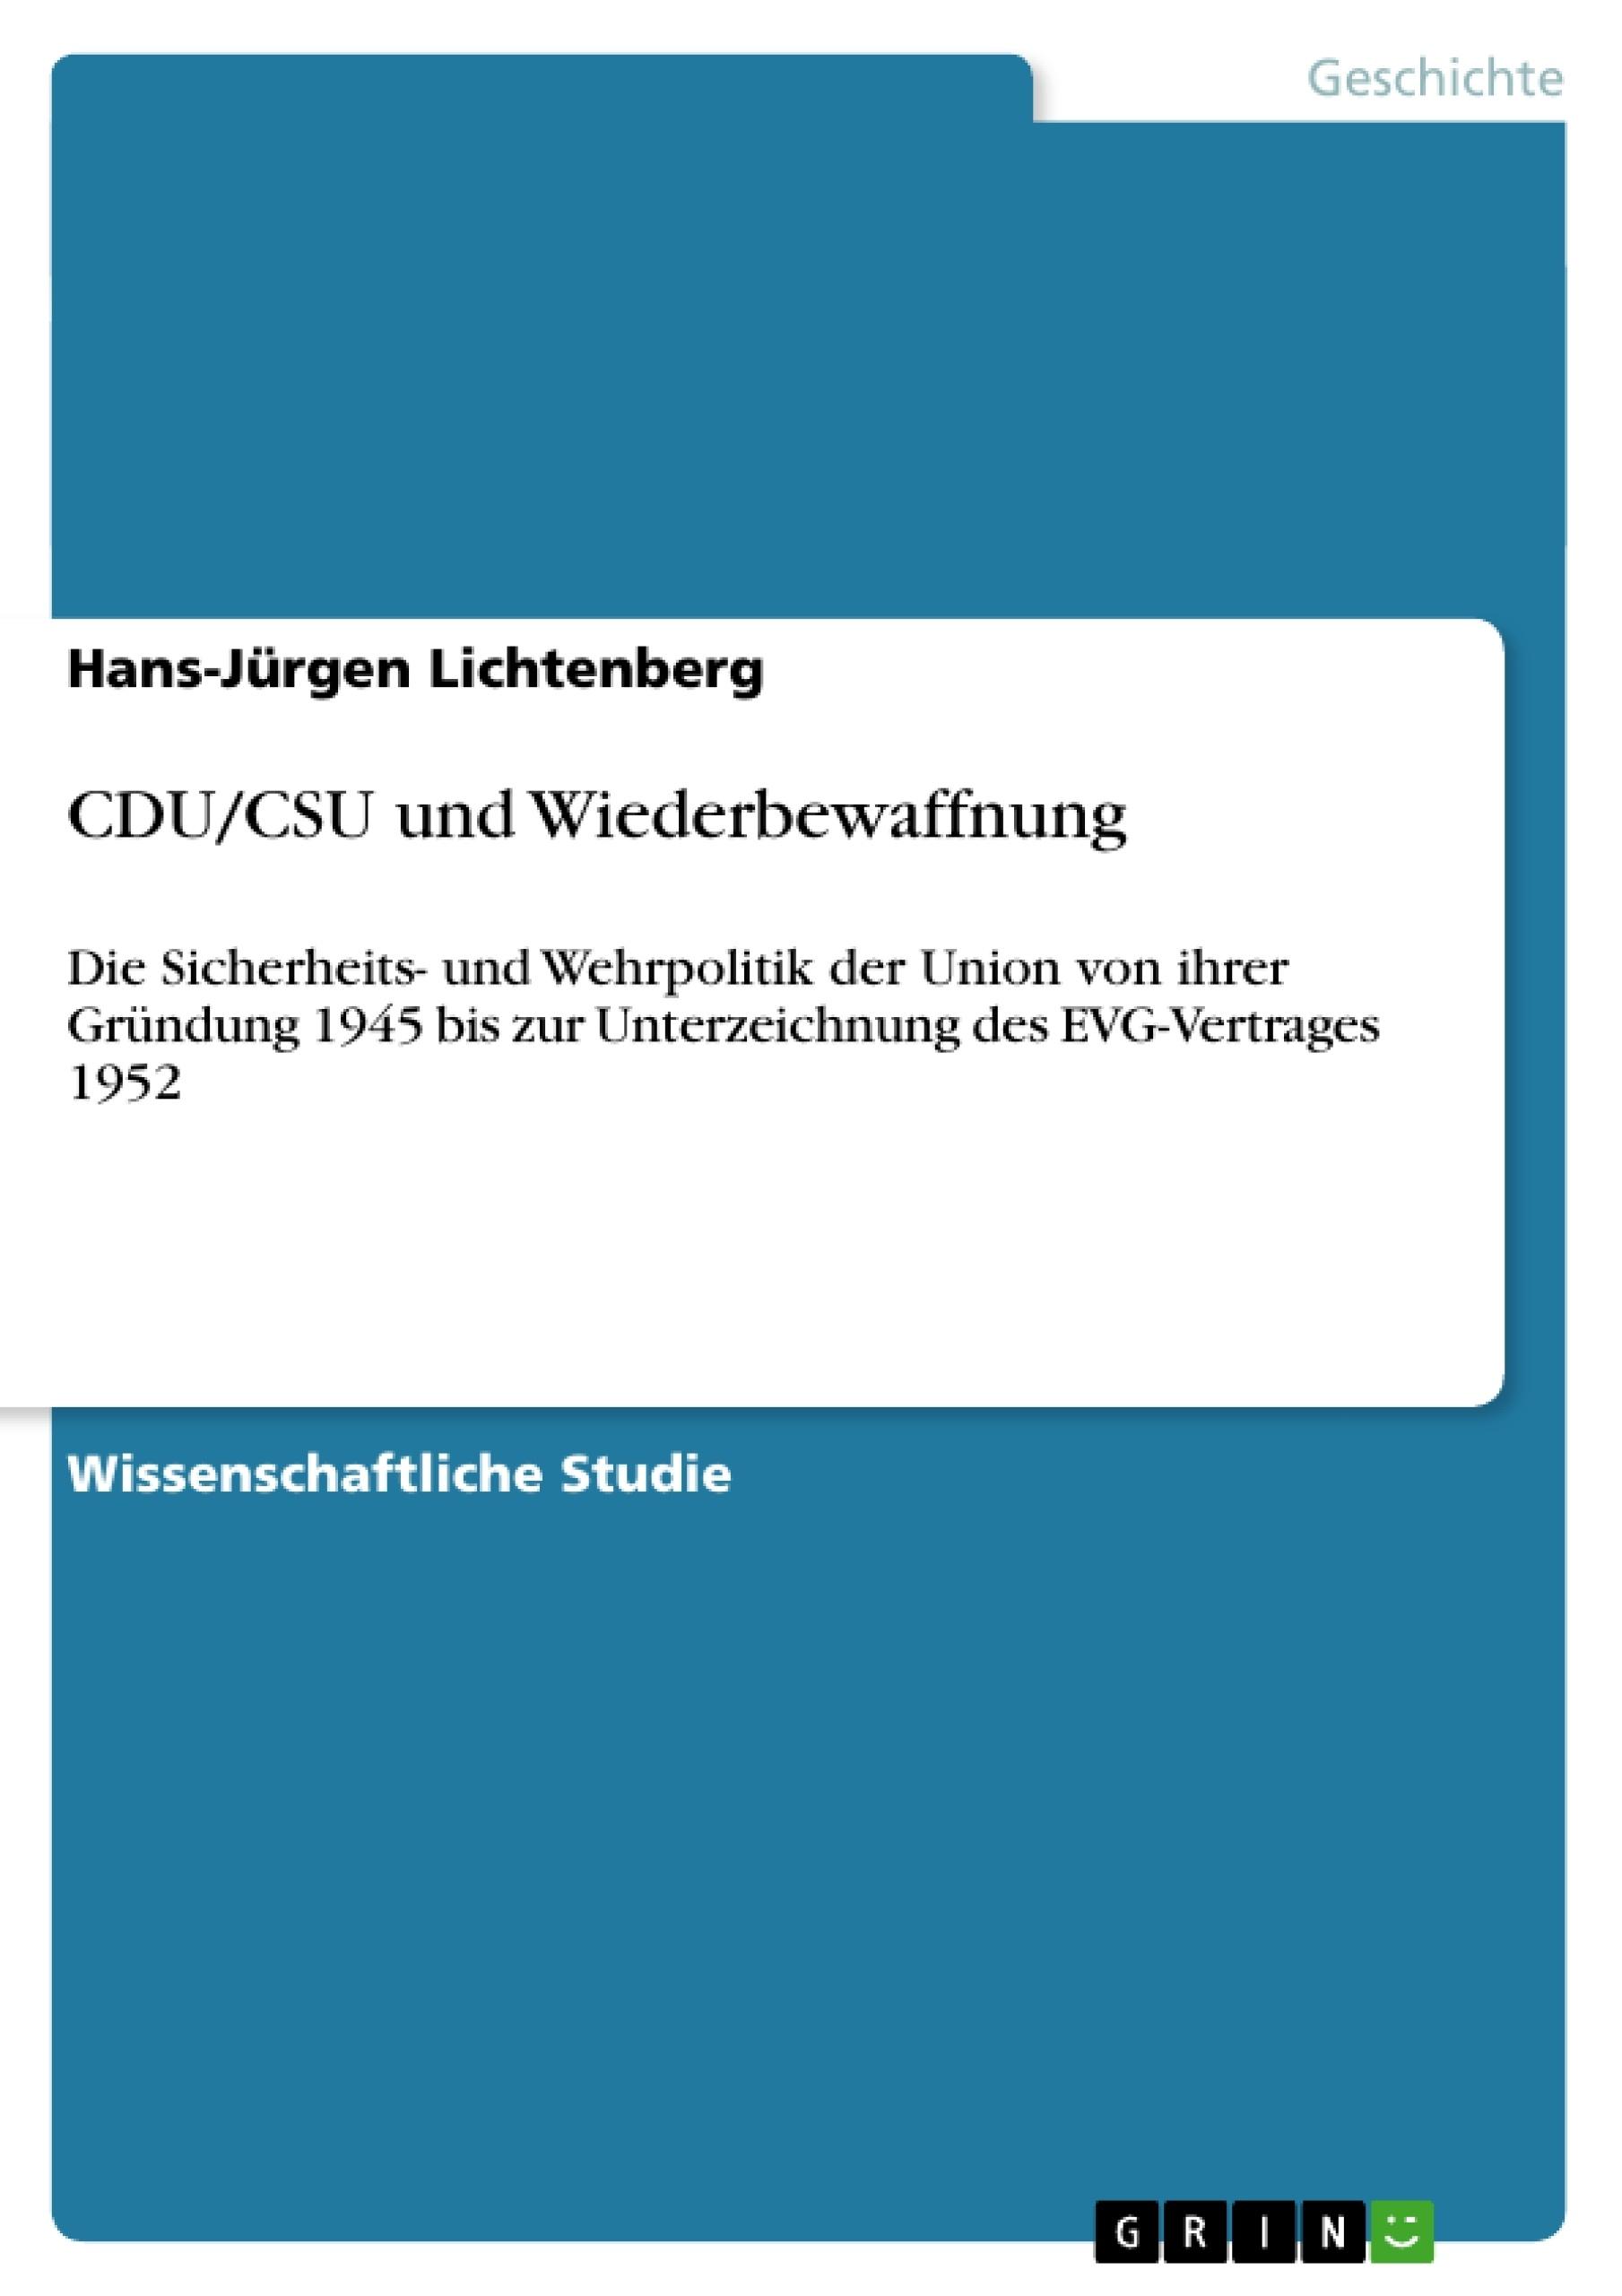 Titel: CDU/CSU und Wiederbewaffnung